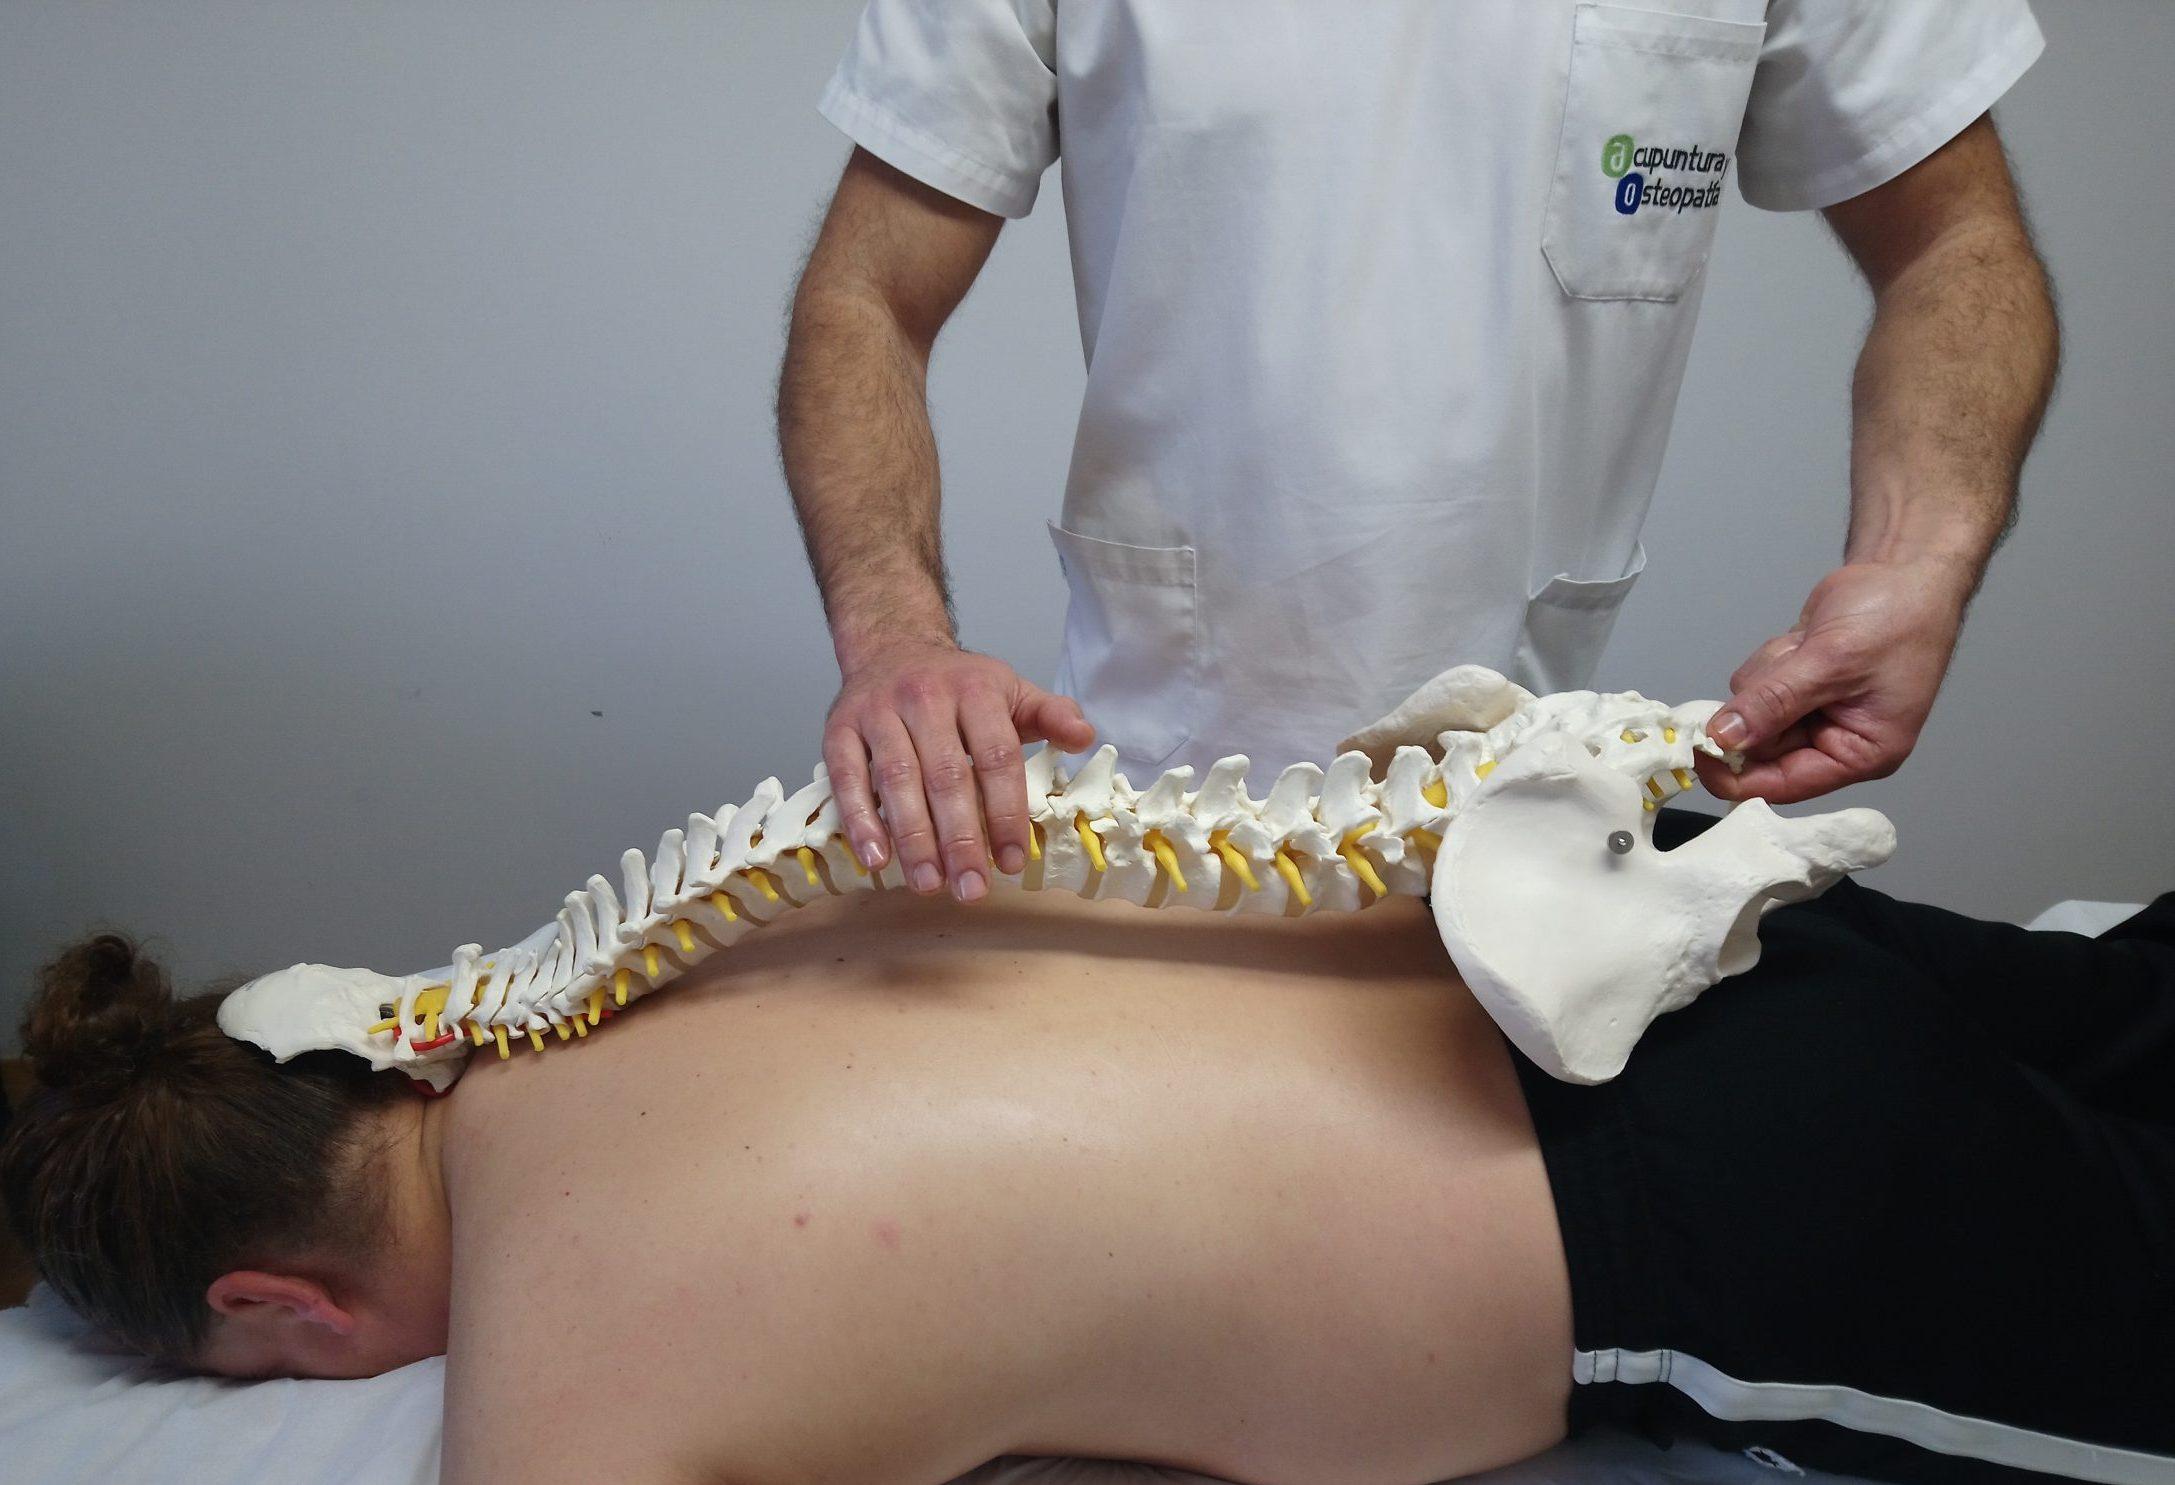 dolor coxis tras parto